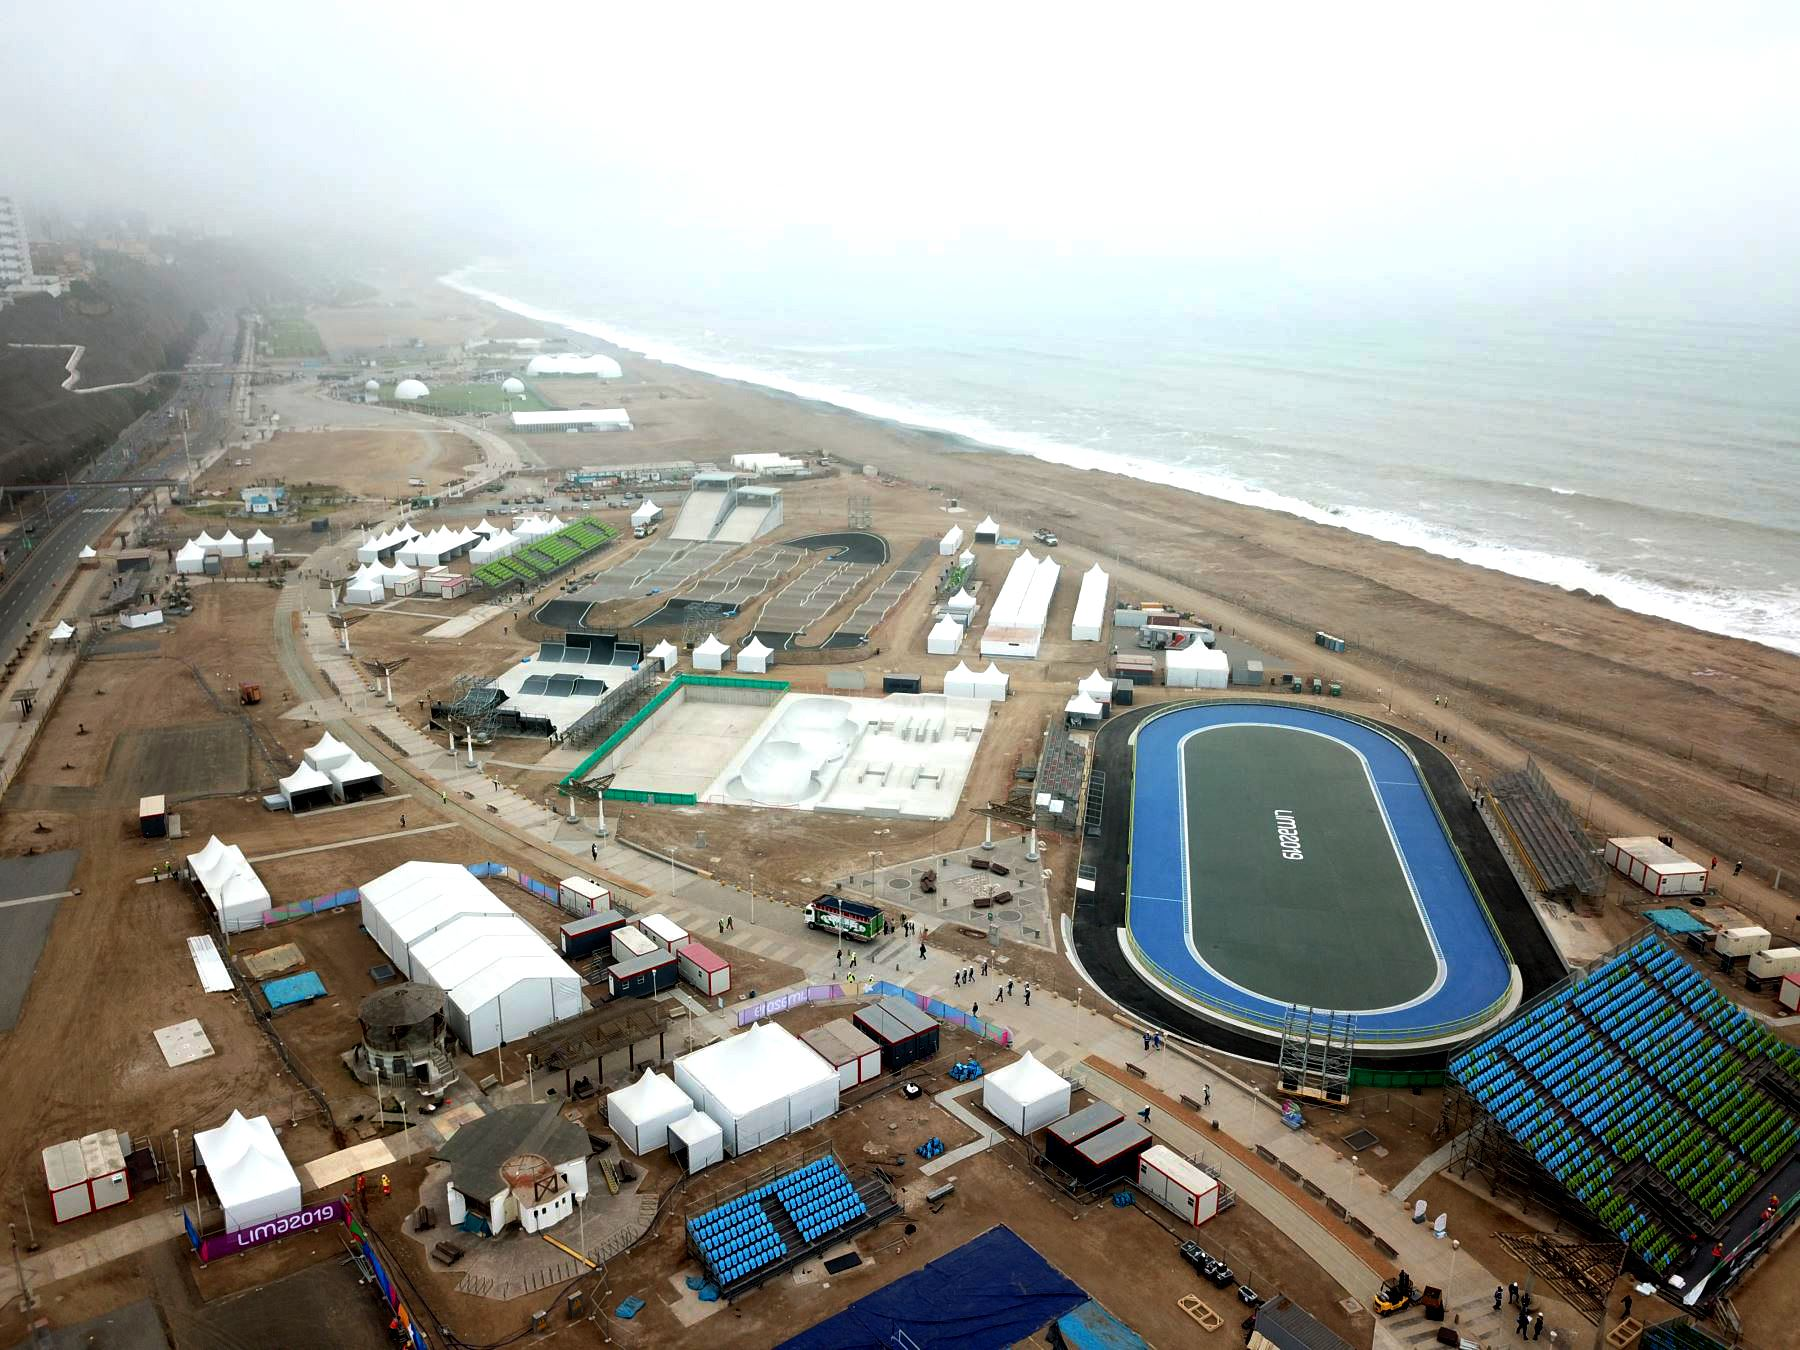 Escenarios donde se desarrollarán las competencias de los Panamericanos Lima 2019 en la Costa Verde.  Foto: ANDINA/Juan Carlos Guzmán Negrini.